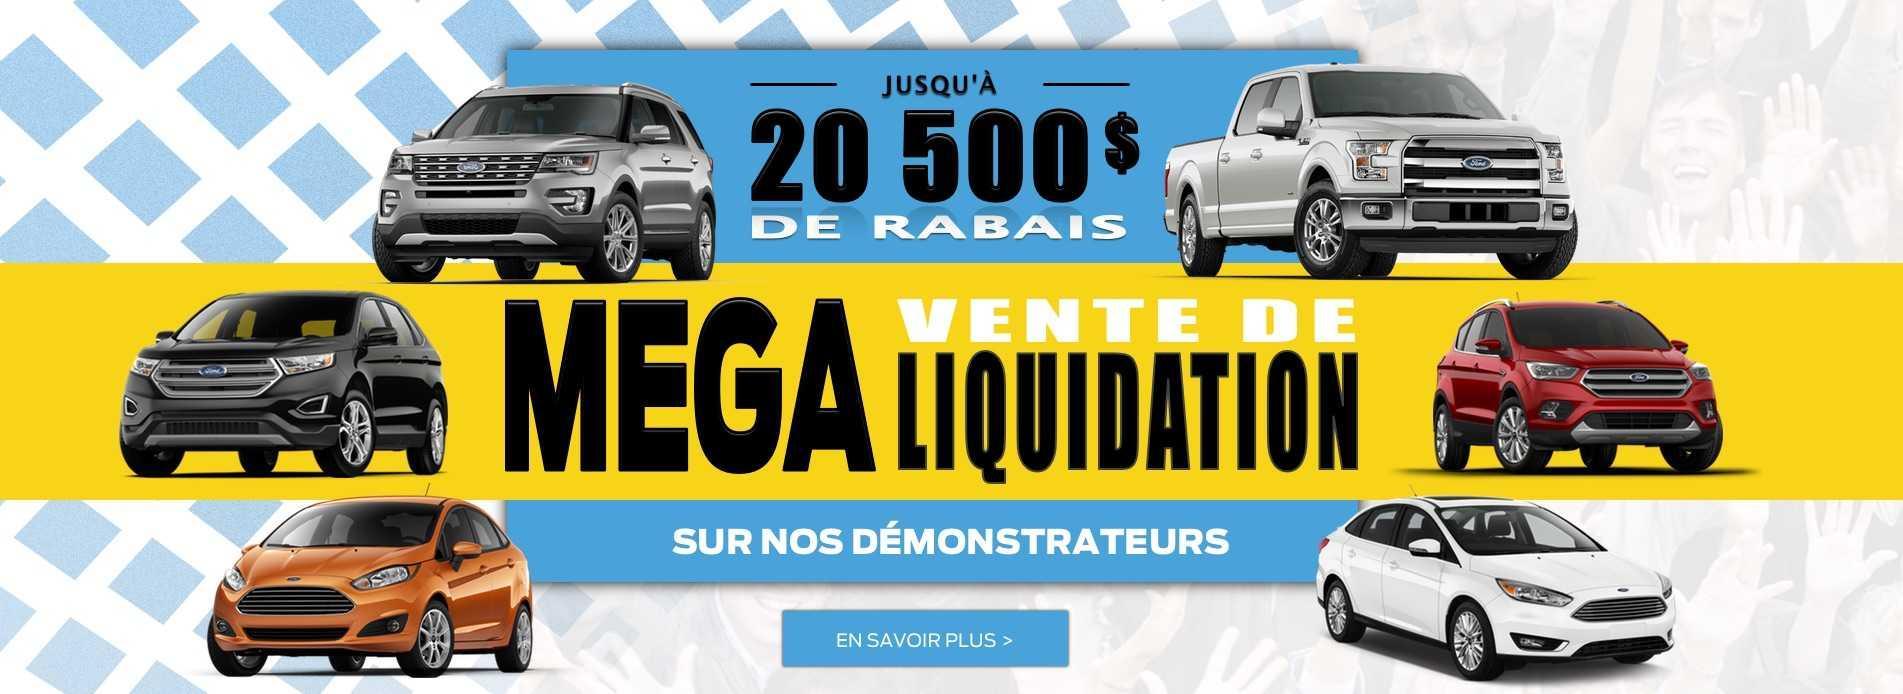 Méga Vente de Liquidation sur nos démonstrateurs